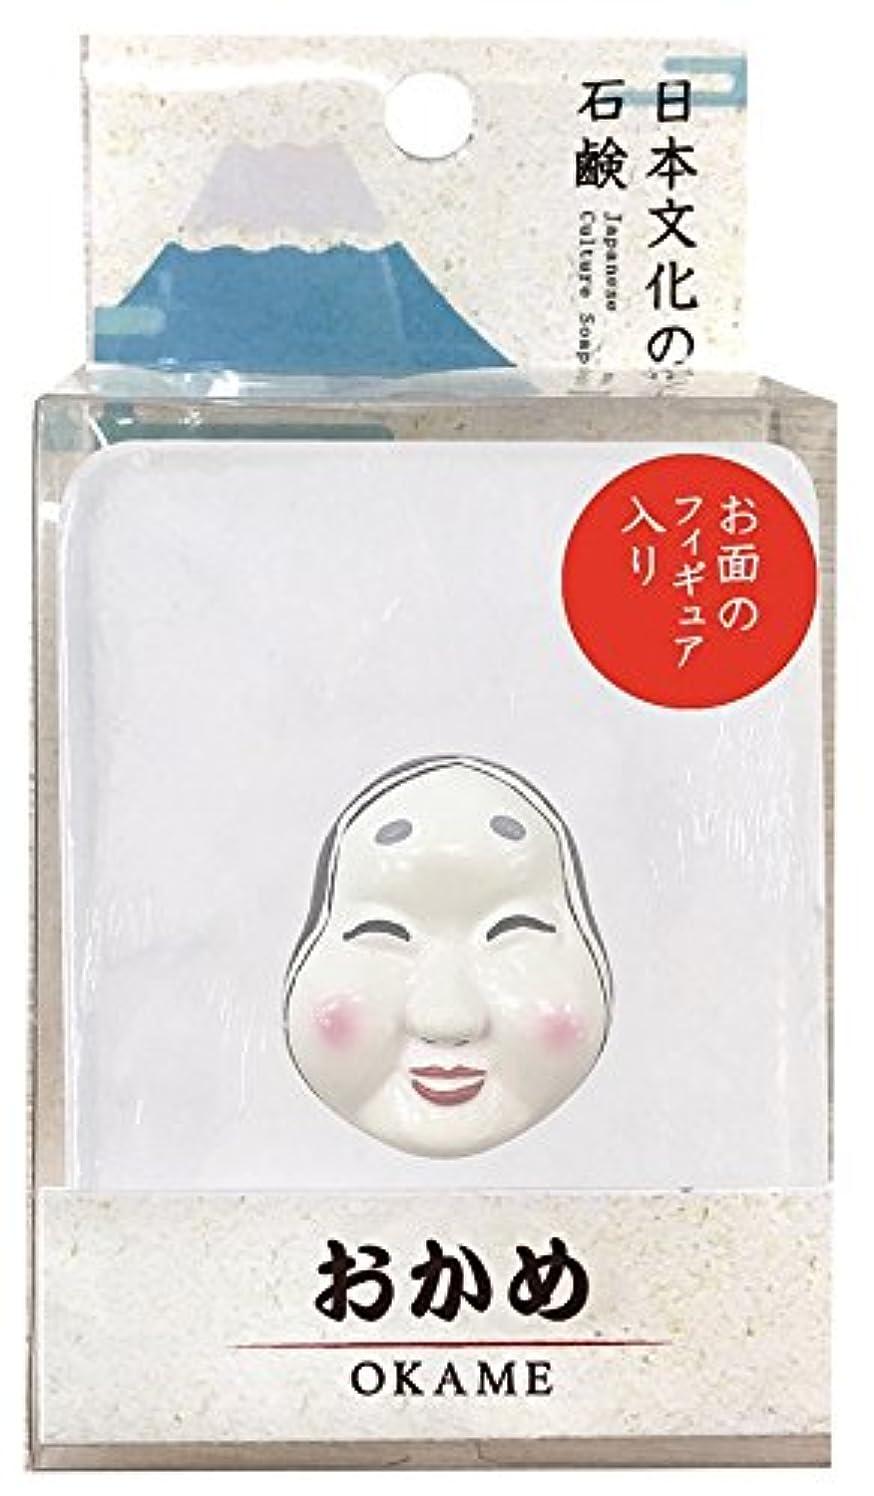 まどろみのある妥協伝説ノルコーポレーション 石鹸 日本文化の石鹸 おかめ 140g フィギュア付き OB-JCP-1-4